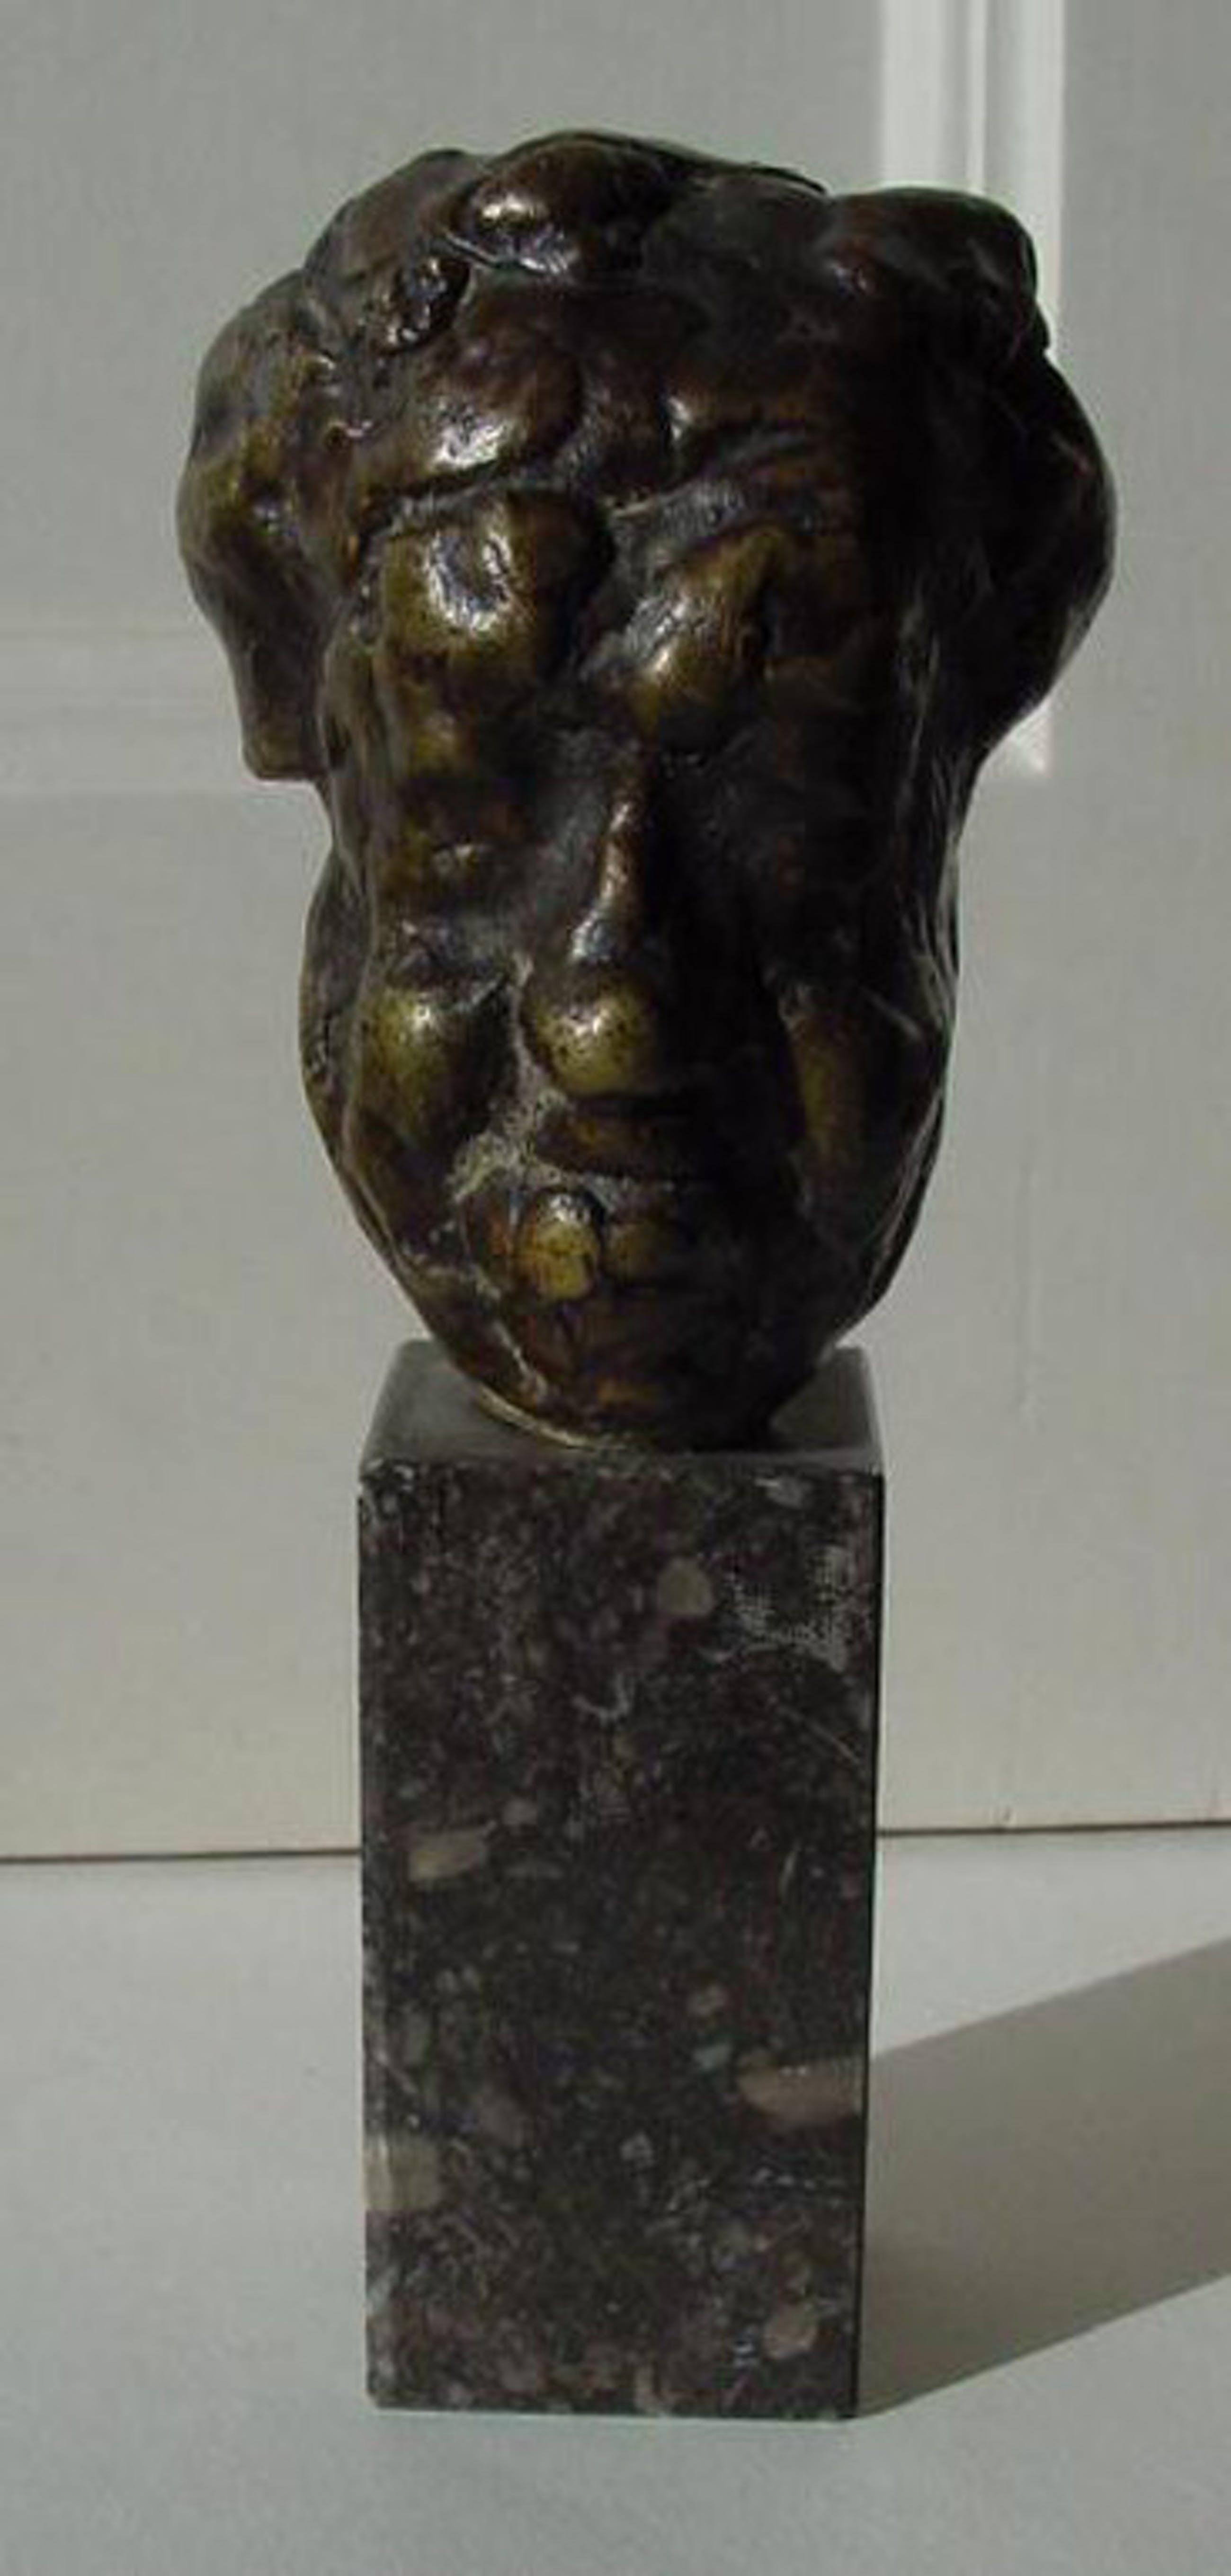 Pieter d'Hondt - bronzen beeldje Michel Simon (franse acteur) kopen? Bied vanaf 650!